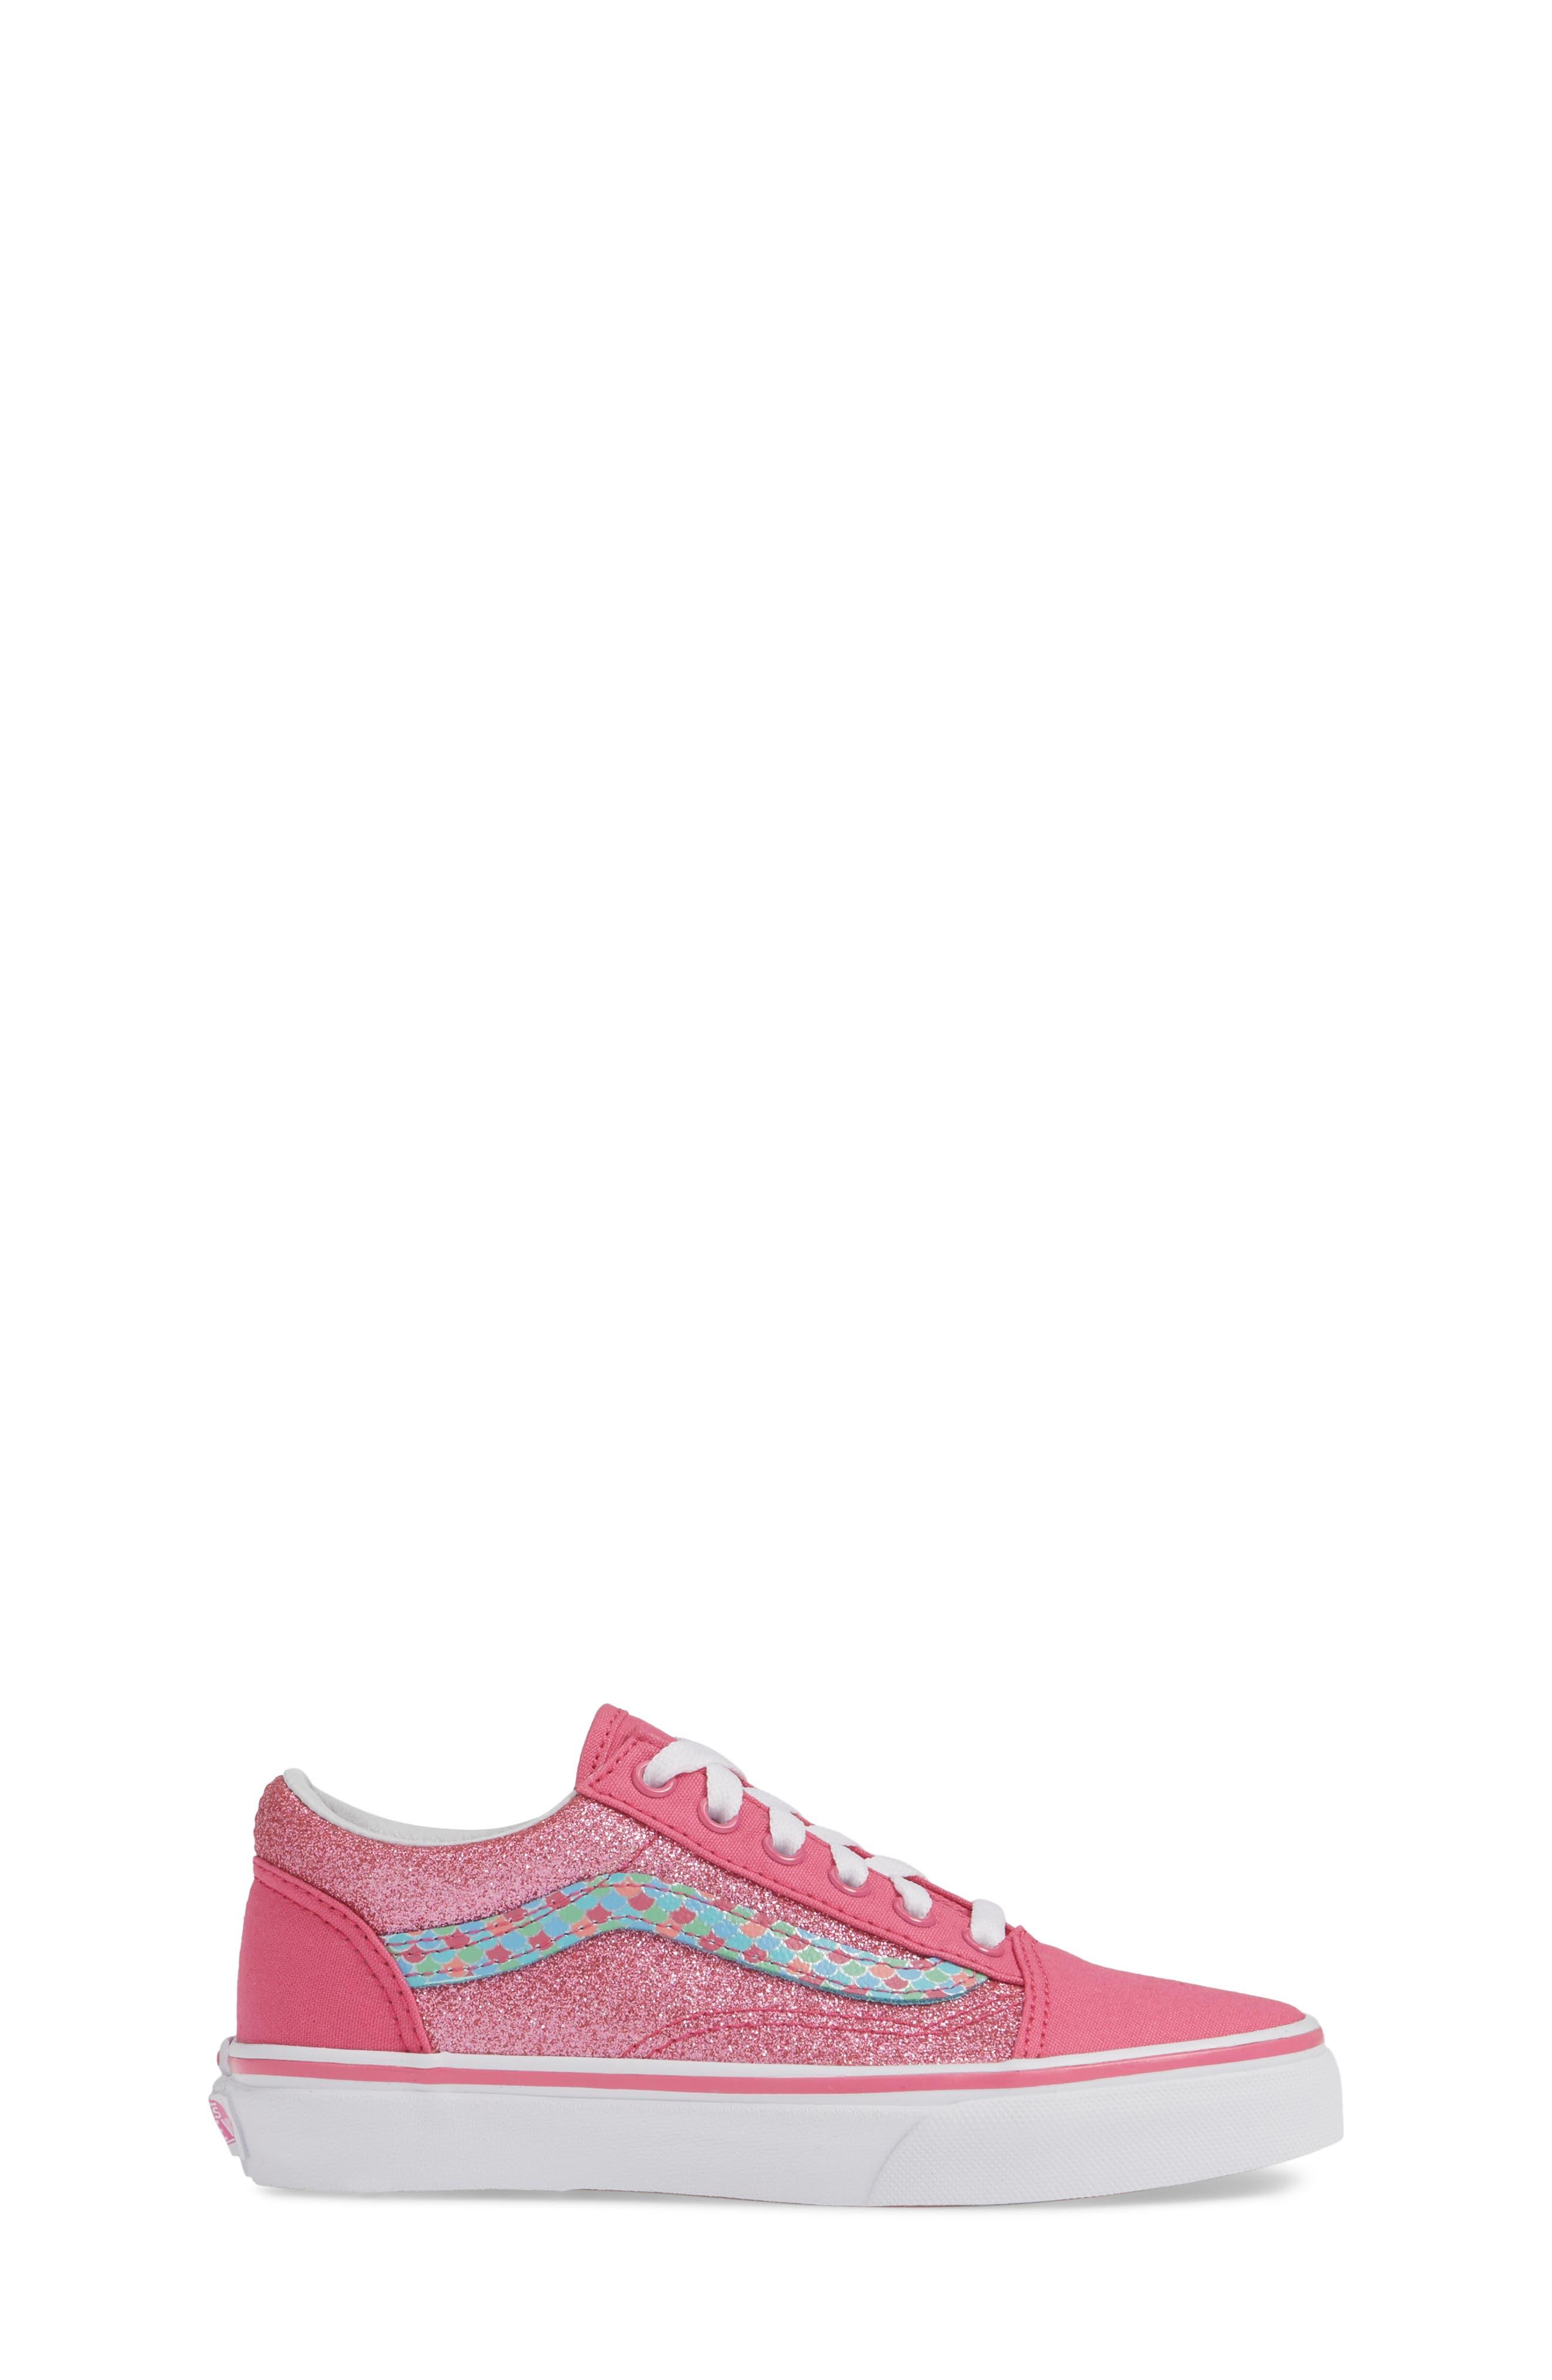 VANS, Old Skool Sneaker, Alternate thumbnail 3, color, CARMINE ROSE/ TRUE WHITE